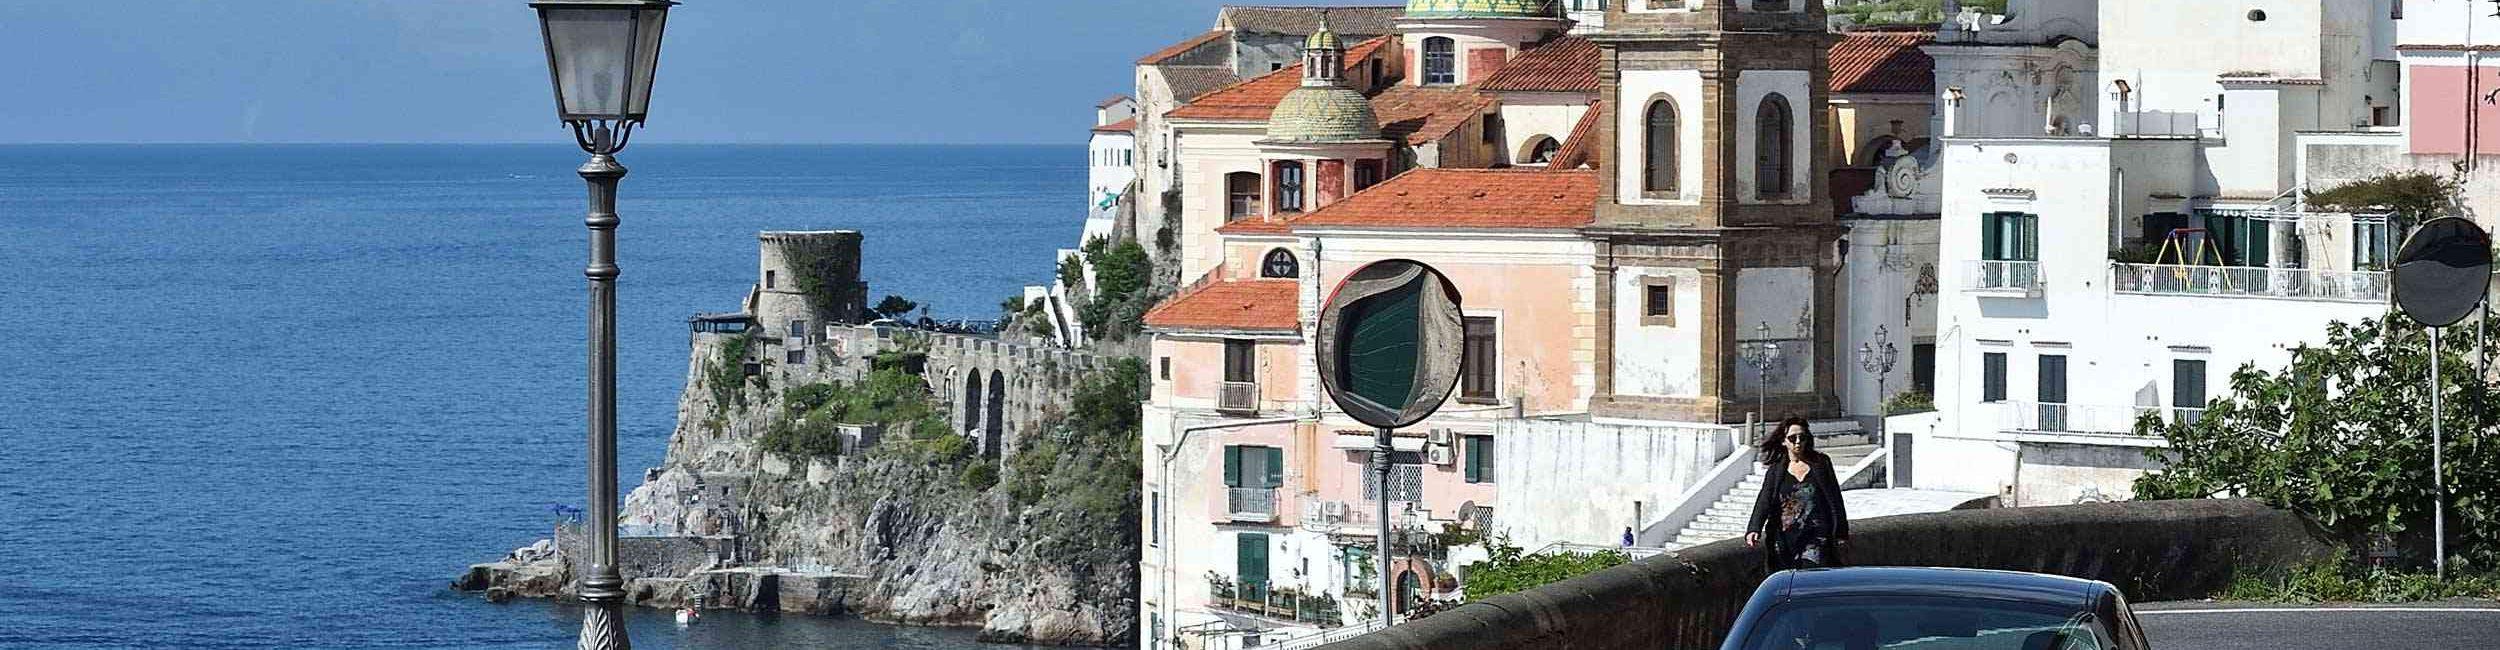 Amalfi-car---Discover-the-beauties-of-Amalfi-Coast